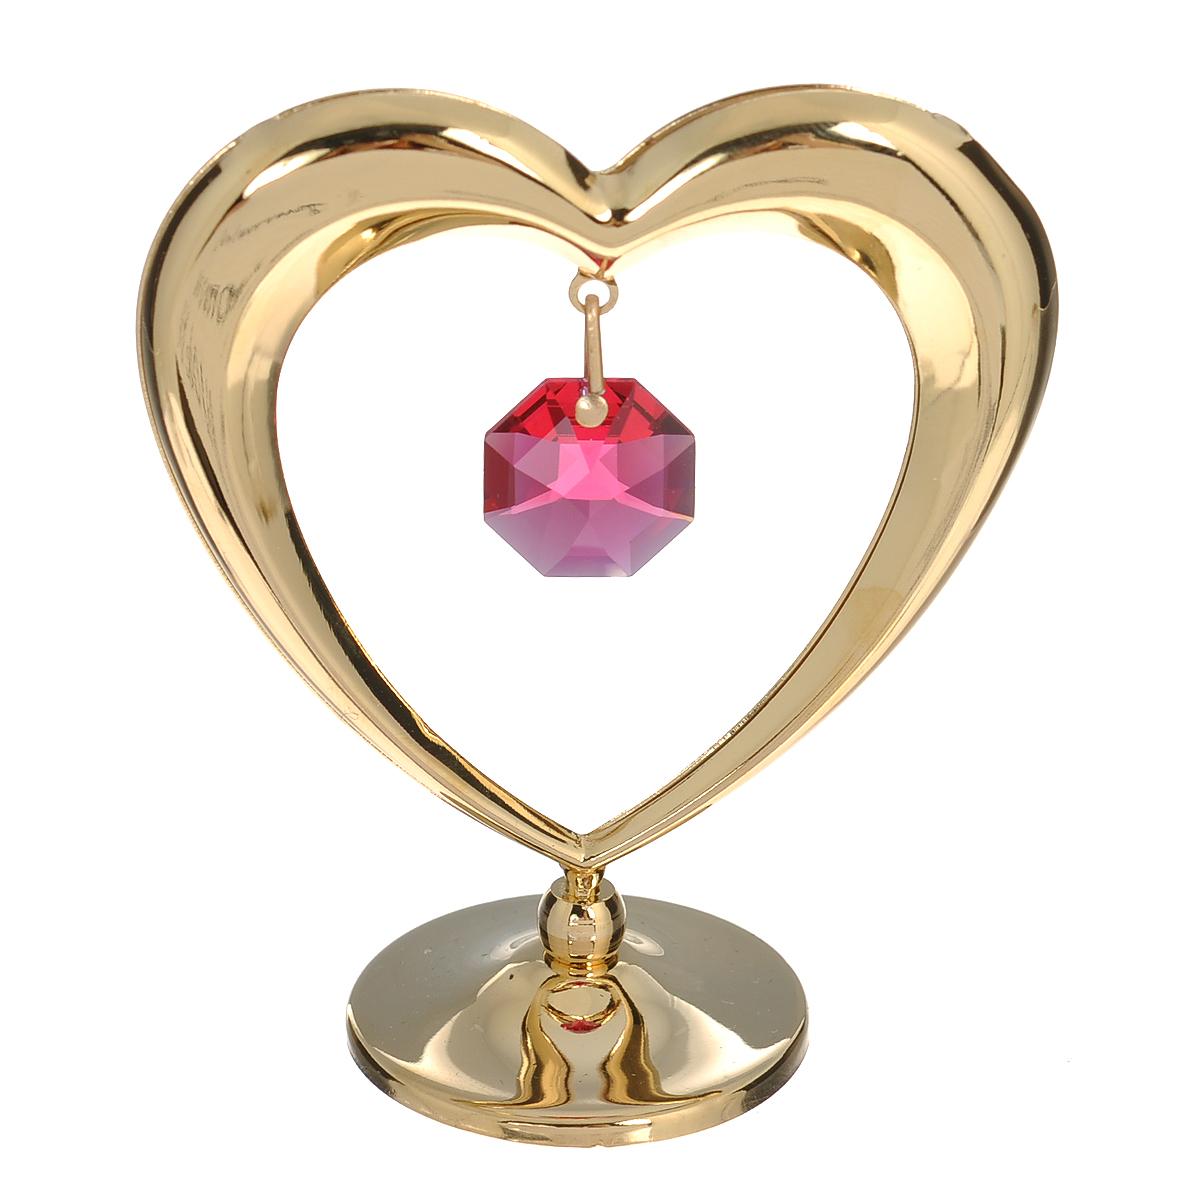 Фигурка декоративная Сердце, цвет: золотистый, красный. 6753467534Притягательный блеск и невероятная утонченность декоративной фигурки Сердце великолепно дополнят интерьер и, несомненно, не останутся без внимания.Фигурка выполнена из металла в виде сердечка с блестящим золотистым покрытием на шаровидной подставке и украшена кристаллом Swarovski.Декоративная фигурка Сердце послужит прекрасным подарком ценителю изысканных и элегантных вещиц. Характеристики:Материал: металл, кристаллы Swarovski. Размер фигурки: 6 см х 0,5 см х 7 см. Цвет: золотистый, красный. Артикул: 67534.